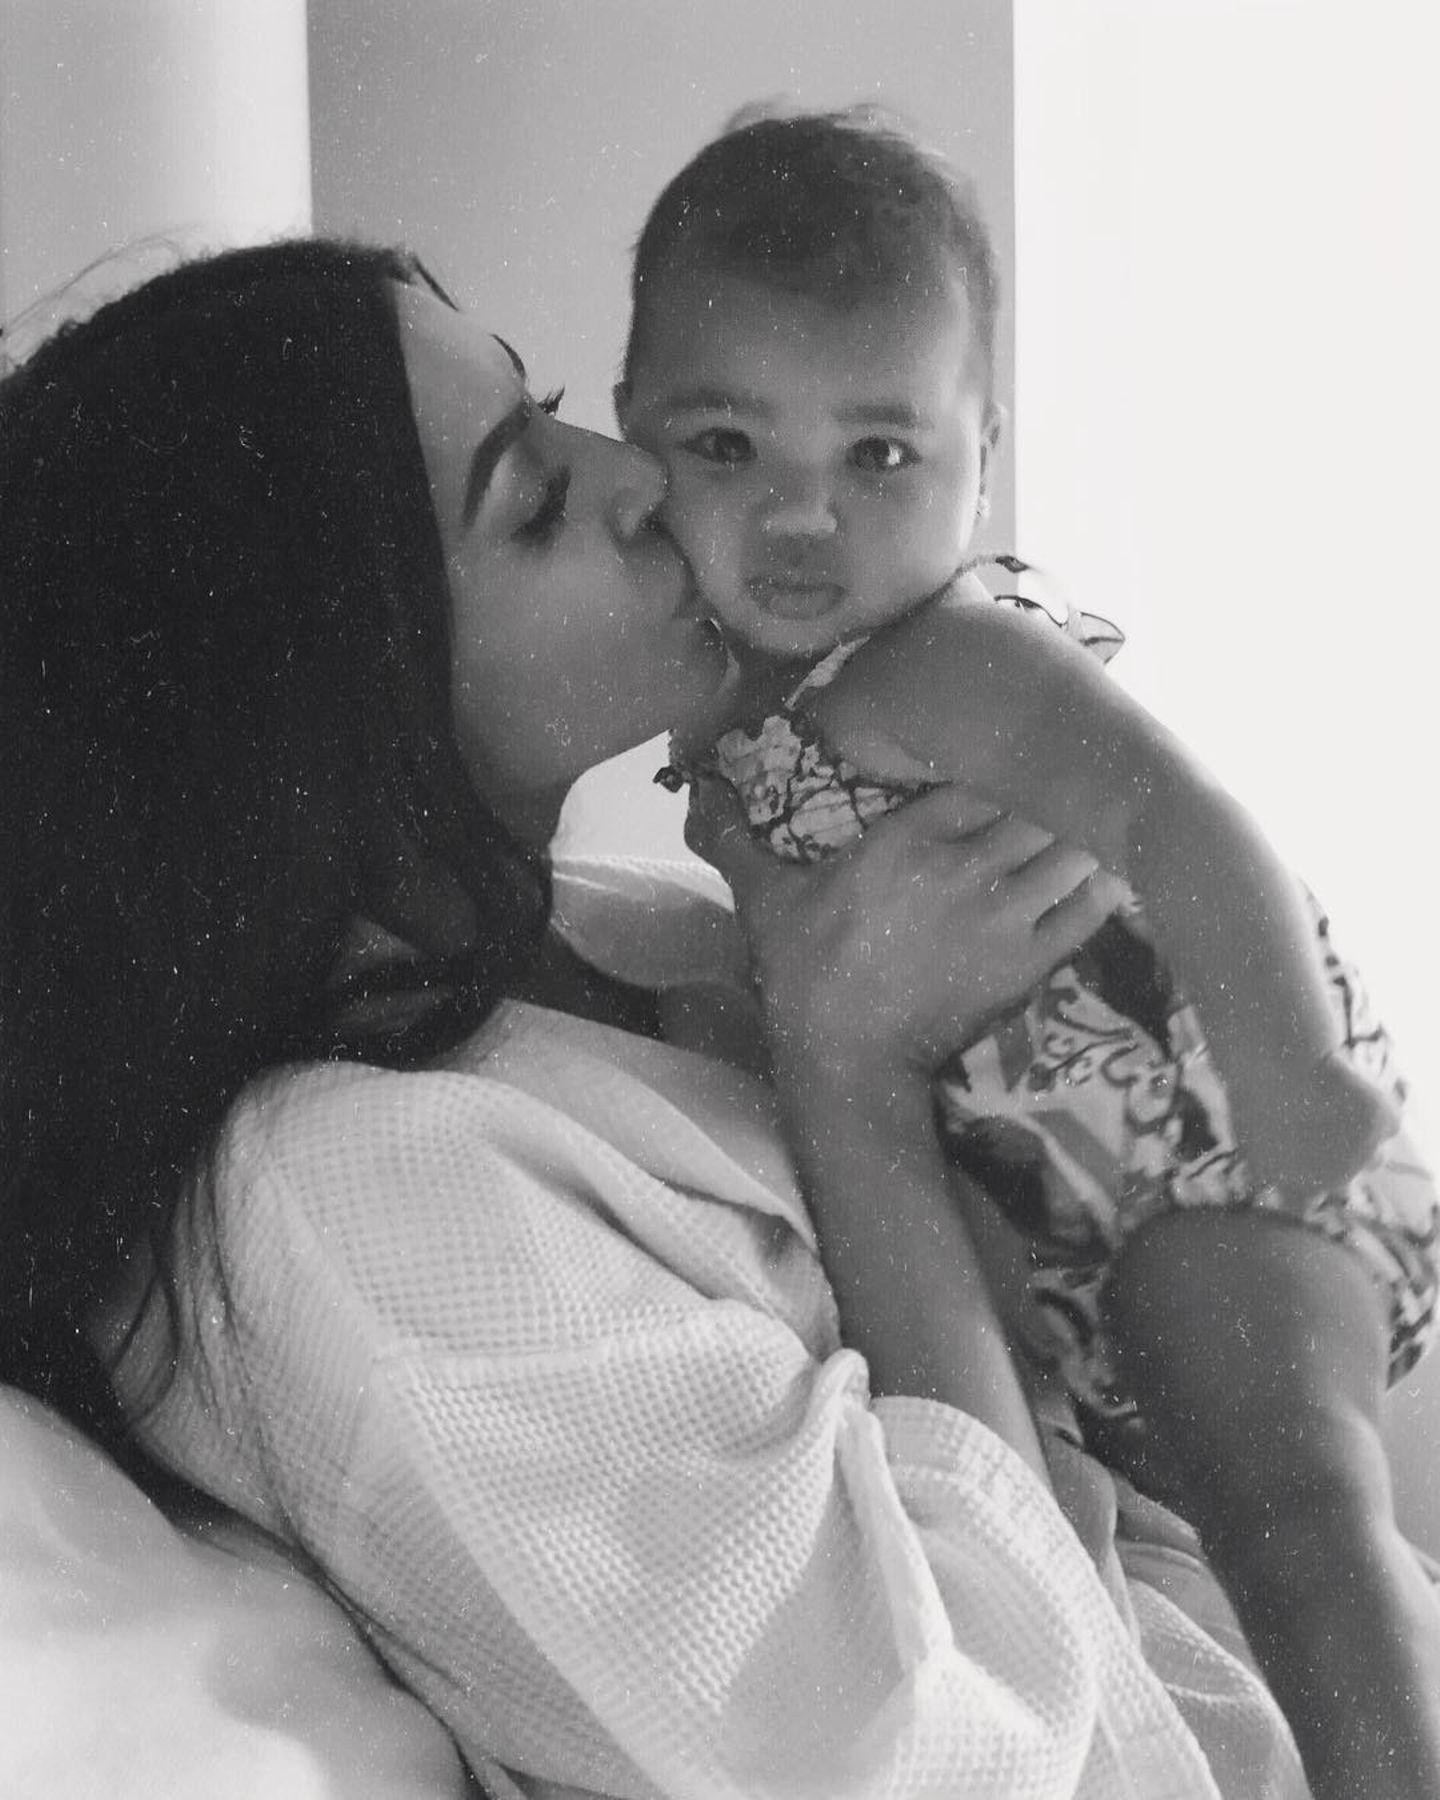 10. November 2018  Kuschelzeit mit der Nichte: Kim Kardashian zeigt auf ihrem Instagram-Account wie sehr sie das kleine Töchterchen von ihrer SchwesterKhloé lieb hat. Die kleine ist aber auch zauberhaft, oder?